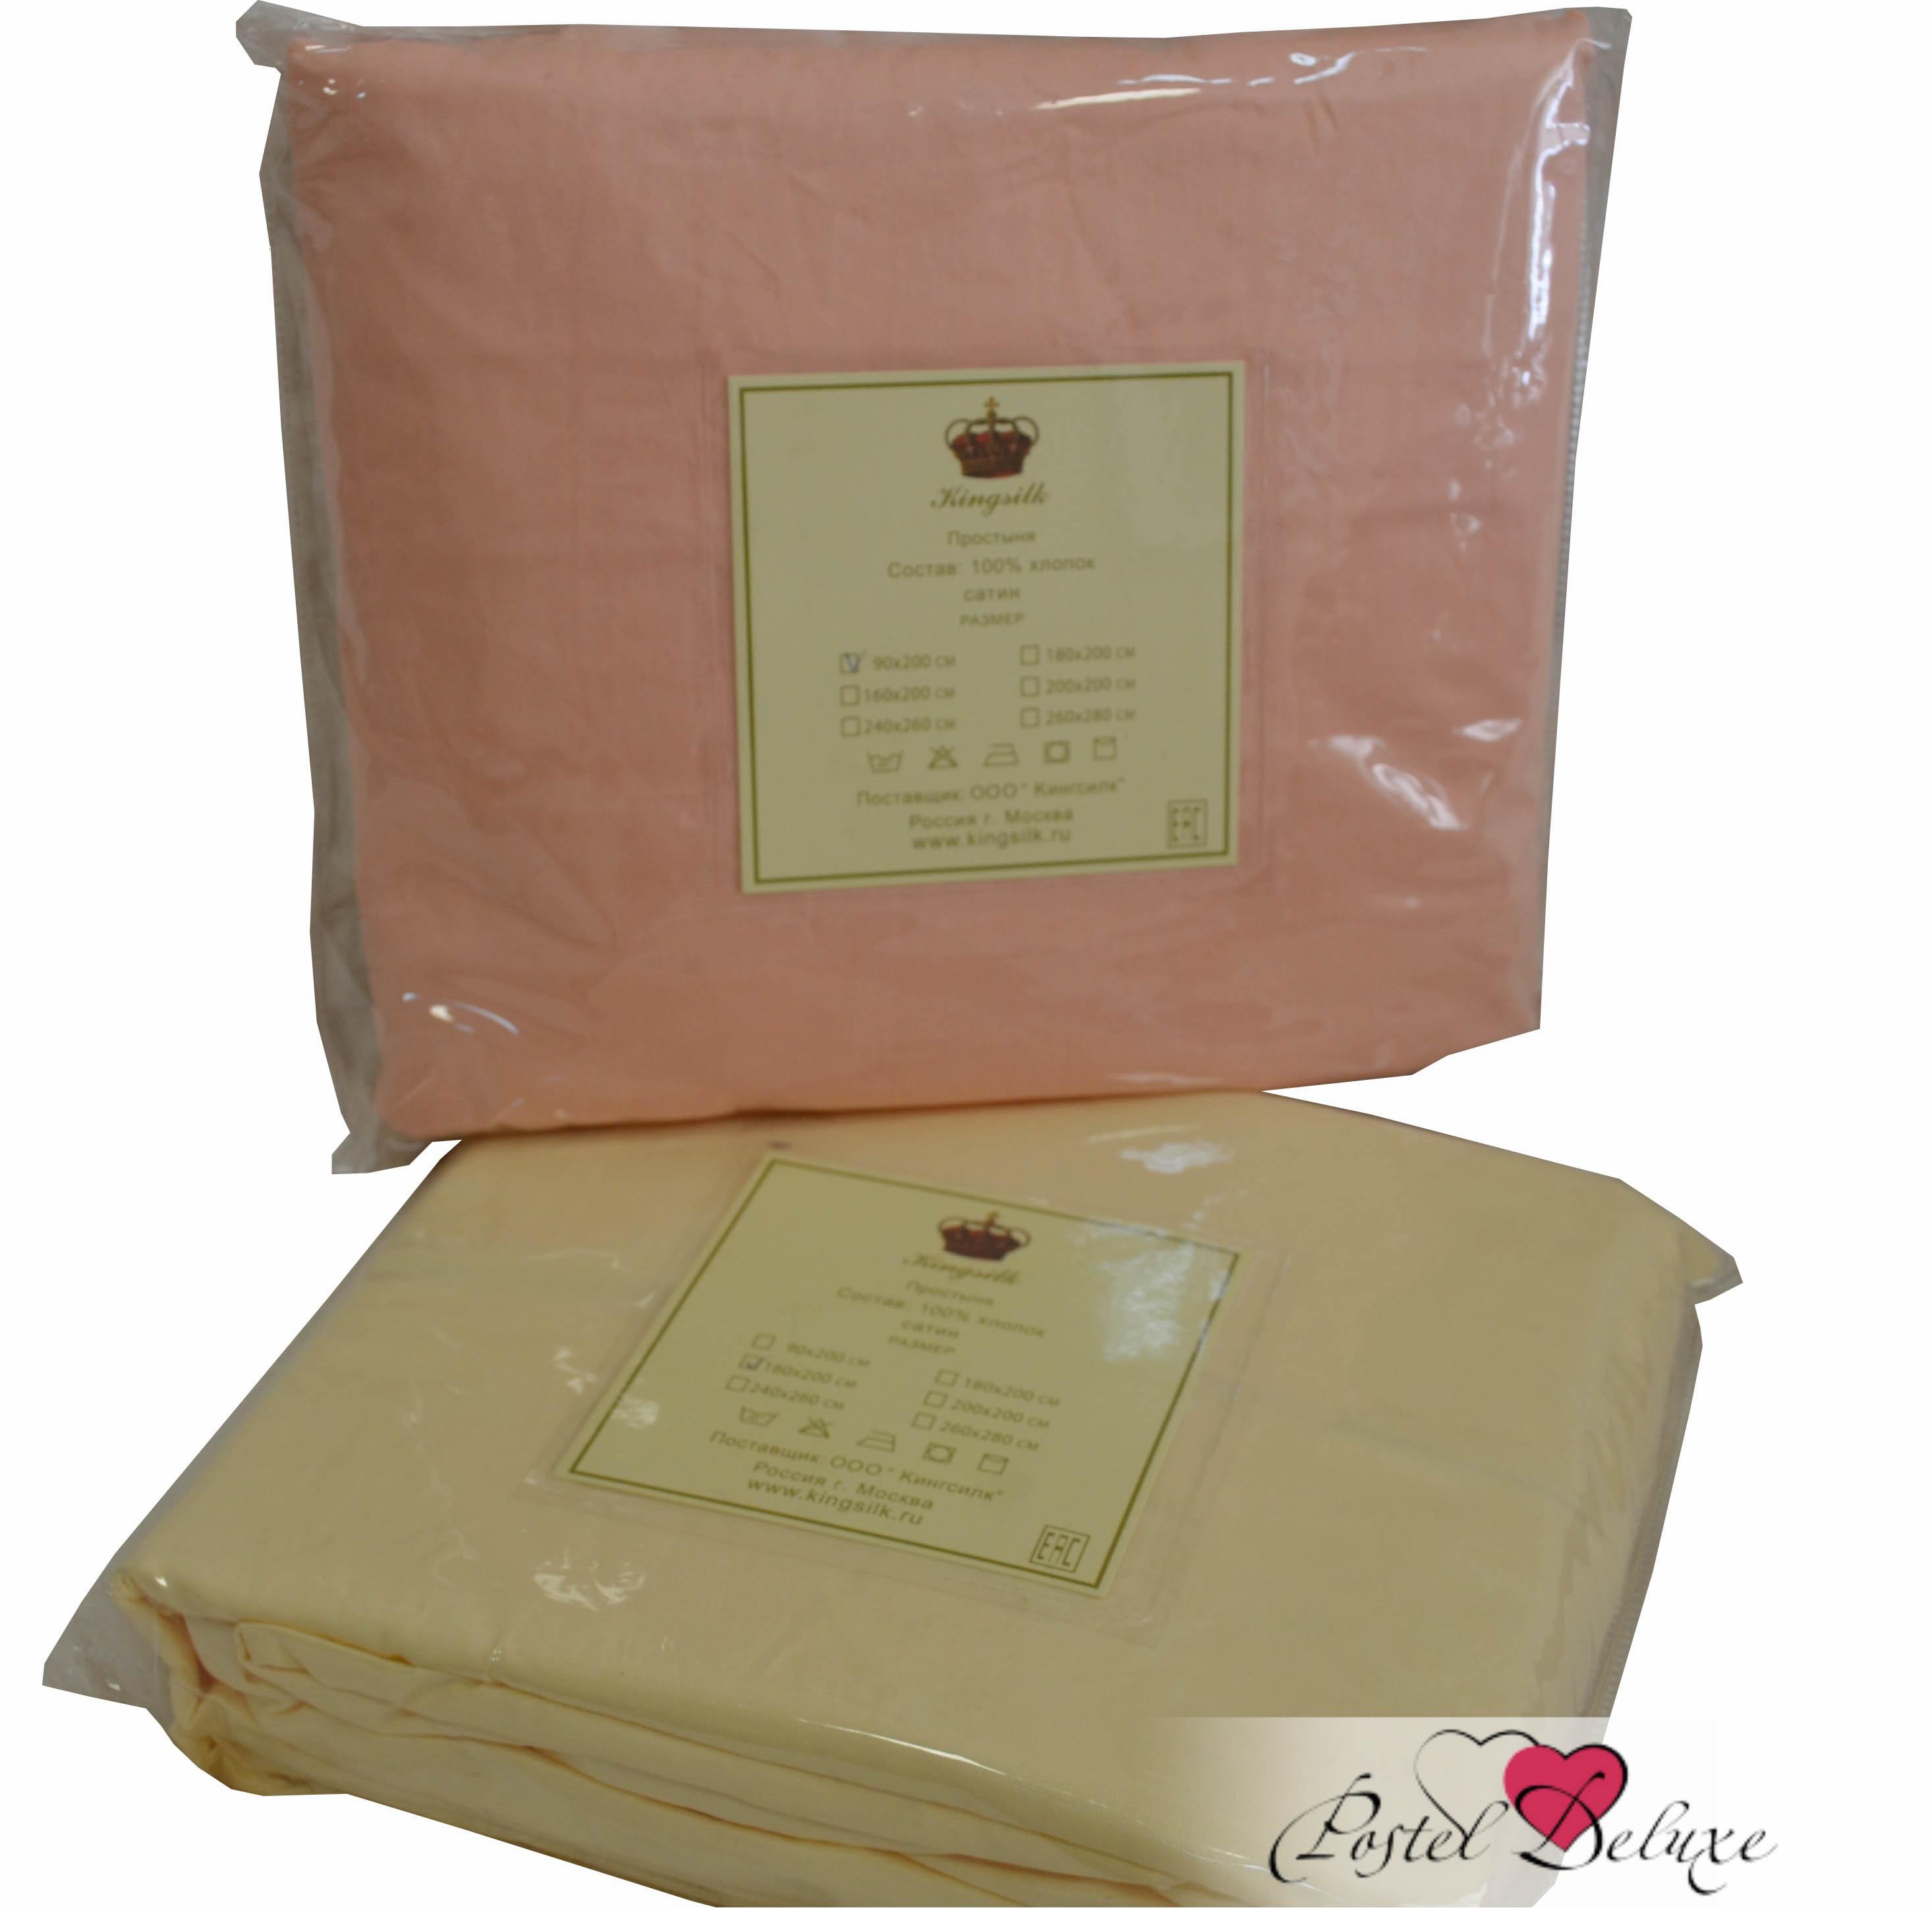 Простыни на резинке KingSilkПростыни на резинке<br>Производитель: KingSilk<br>Страна производства: Китай<br>Материал: Хлопковый сатин<br>Состав: 100% хлопок<br>Размер простыни: 160х200 см<br>Высота бортика: 30 см<br>Упаковка: Полиэтиленовый пакет<br><br>Тип: простыня<br>Размерность комплекта: None<br>Материал: Хлопковый сатин<br>Размер наволочки: None<br>Подарочная упаковка: None<br>Для детей: нет<br>Ткань: Хлопковый сатин<br>Цвет: Розовый